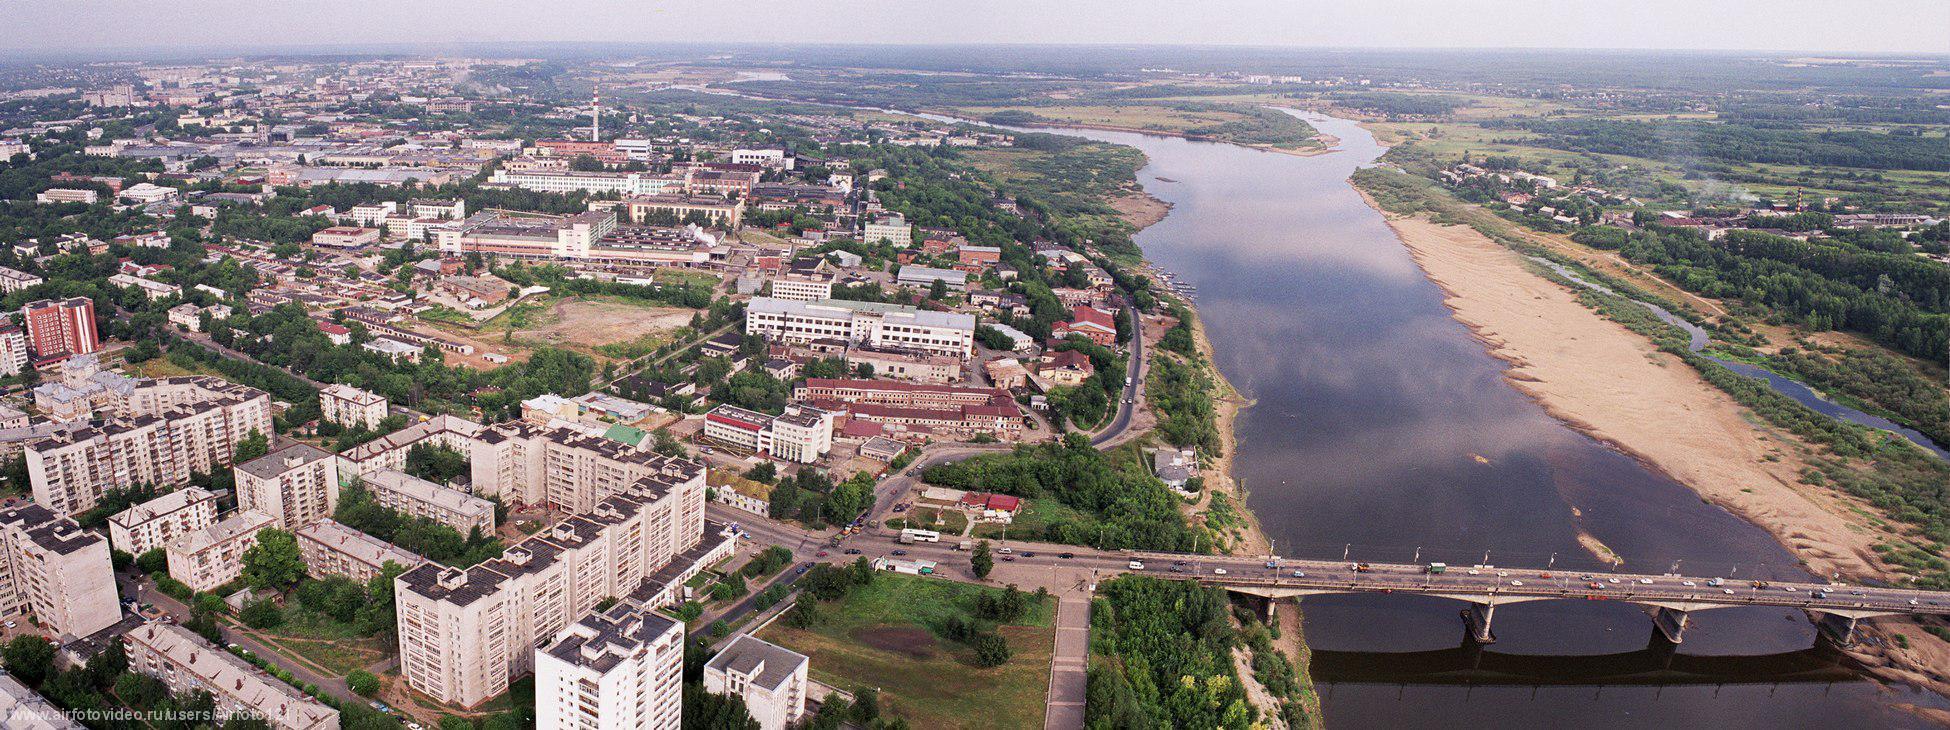 Киров фотографии, бесплатные фото ...: pictures11.ru/kirov-fotografii.html